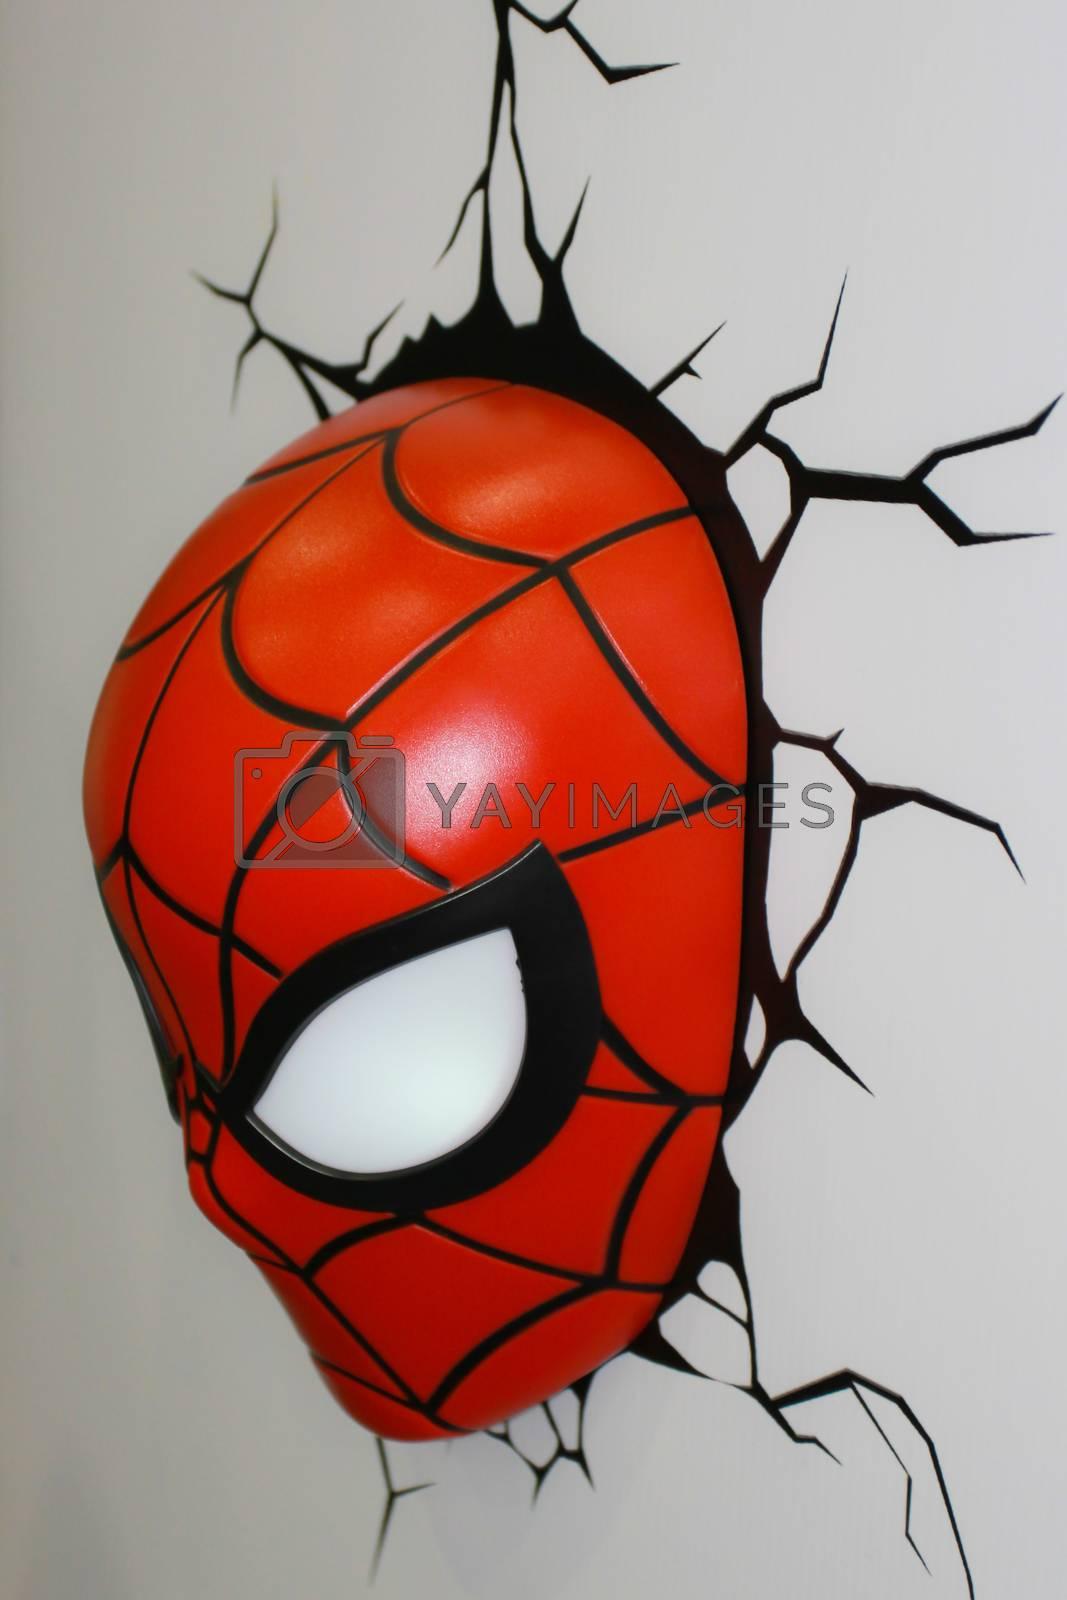 BANGKOK - MAY. 11: A Spiderman Mask model in Thailand Comic Con 2014 on May 11, 2014 at Siam Paragon, Bangkok, Thailand.